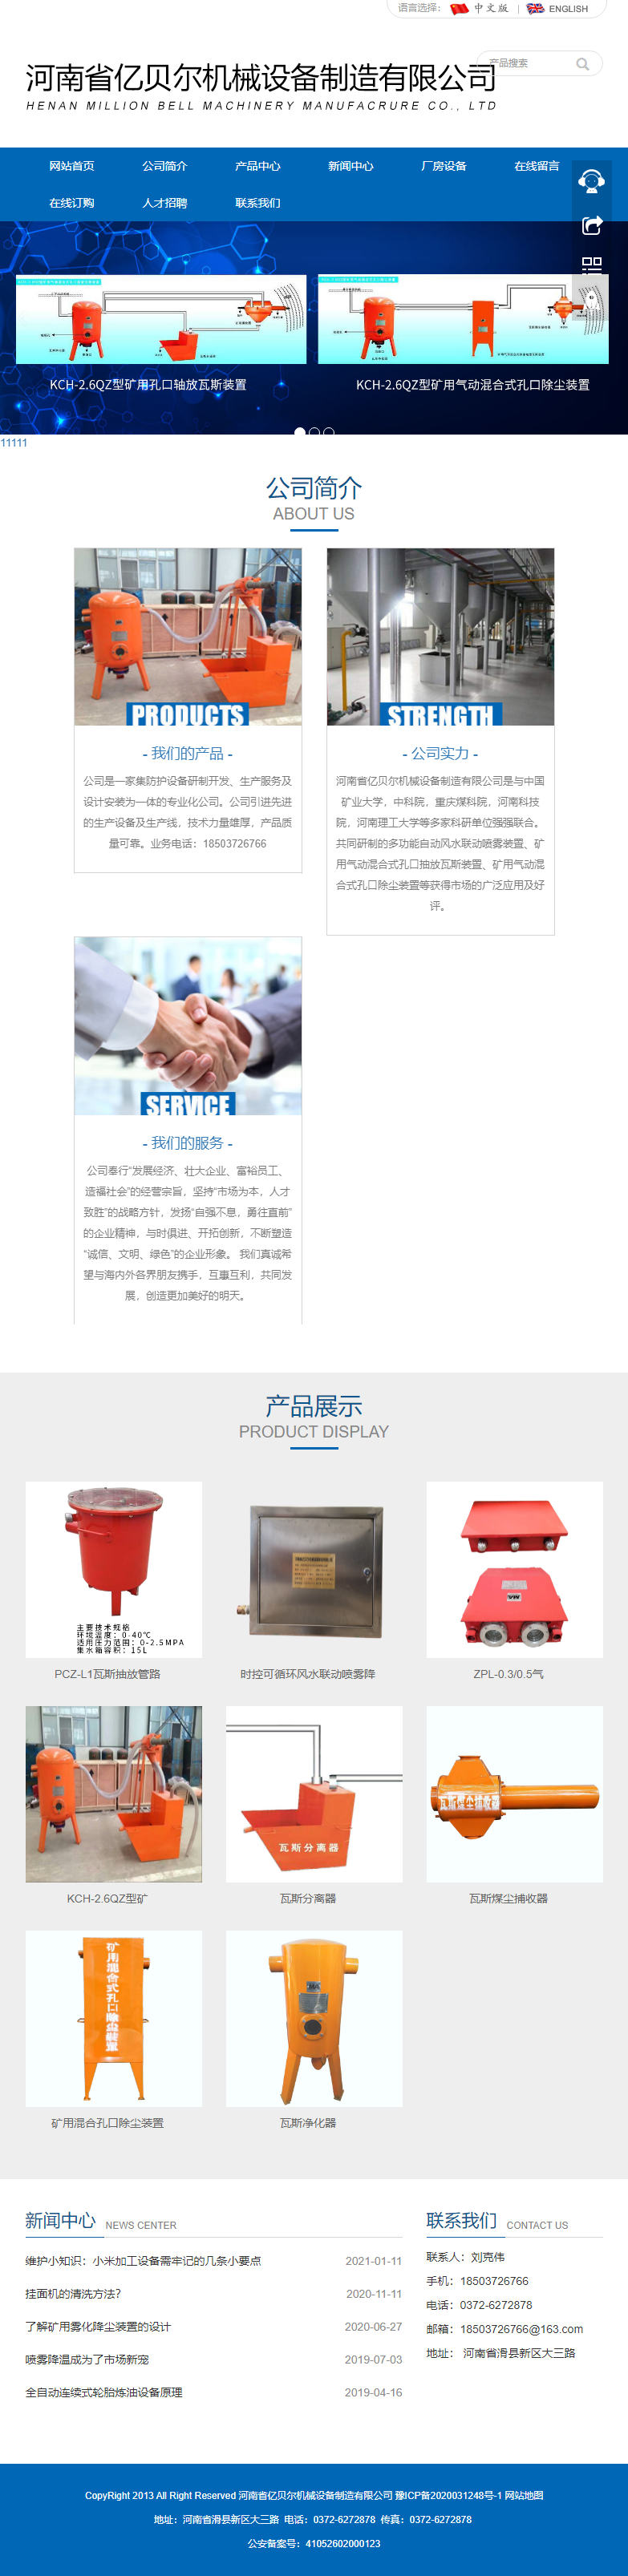 河南省亿贝尔机械设备制造有限公司网站案例